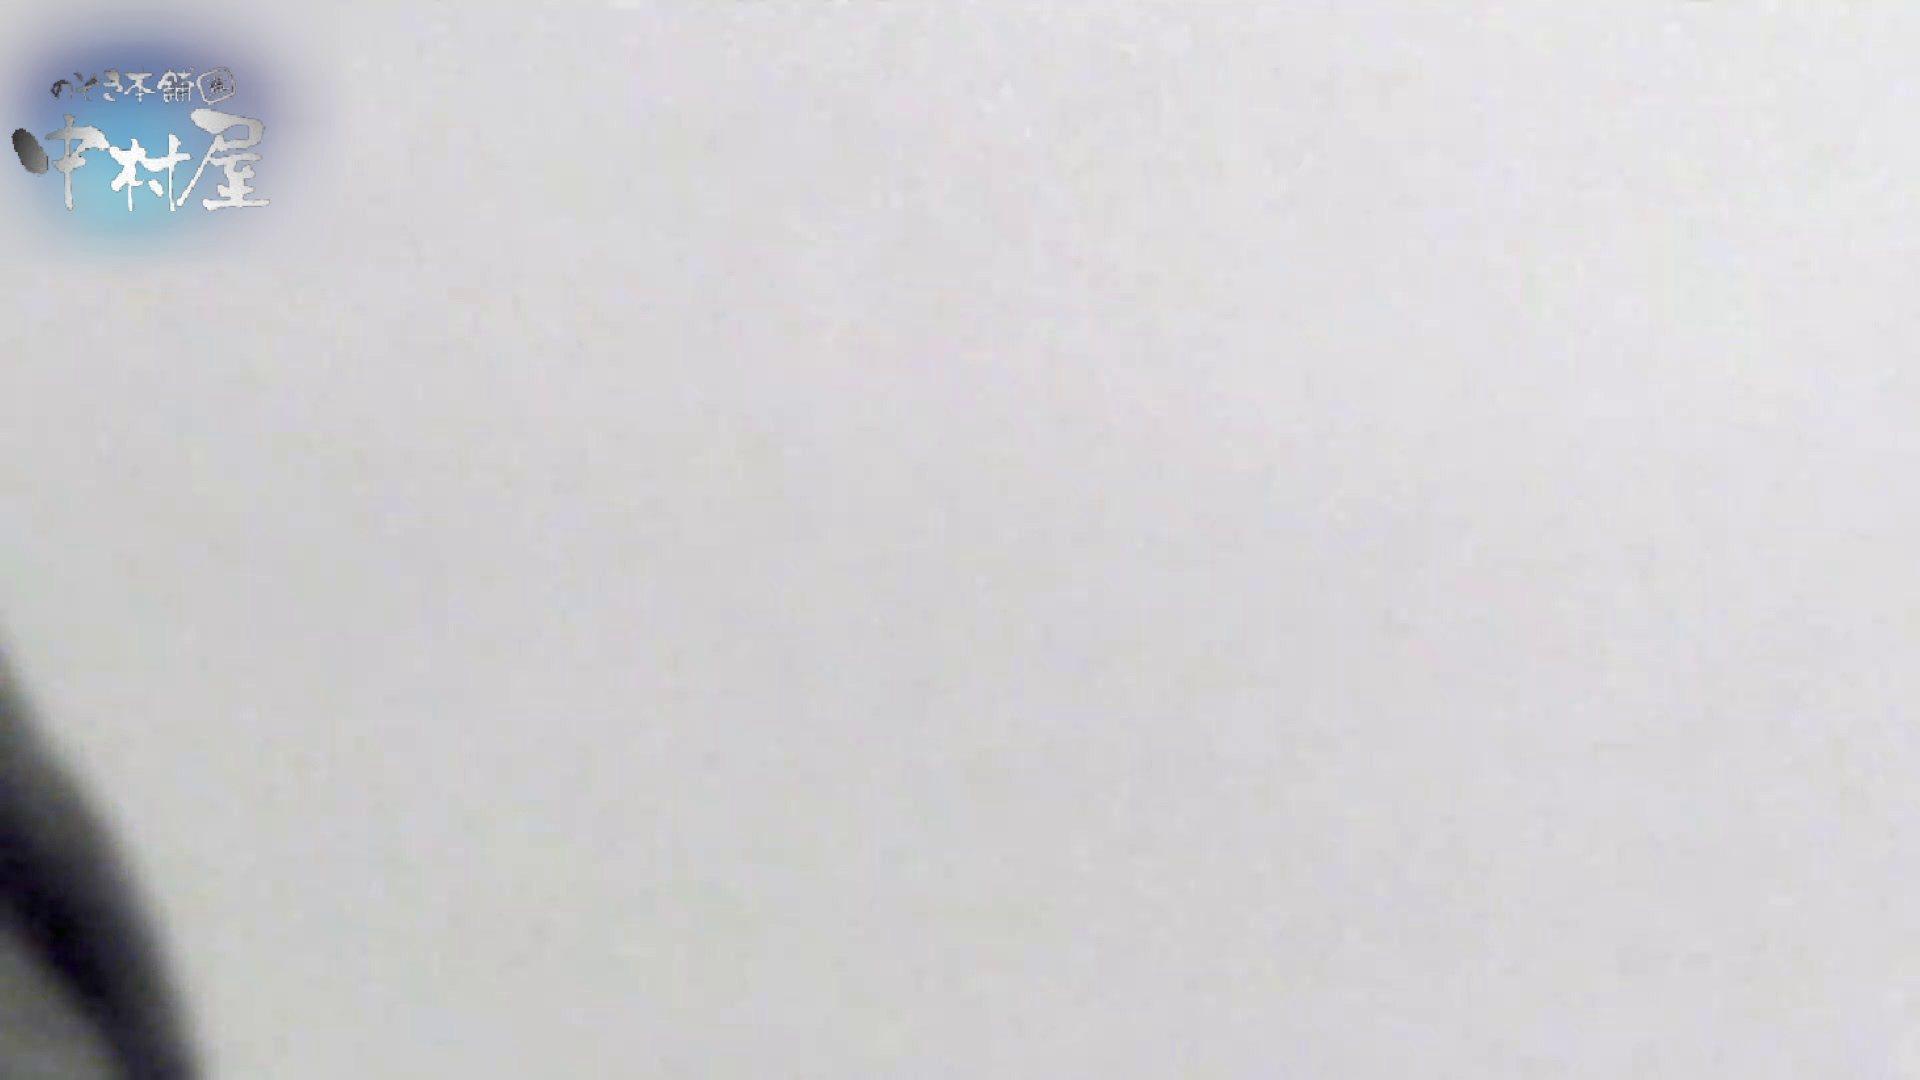 乙女集まる!ショッピングモール潜入撮vol.03 トイレ  87PICs 60